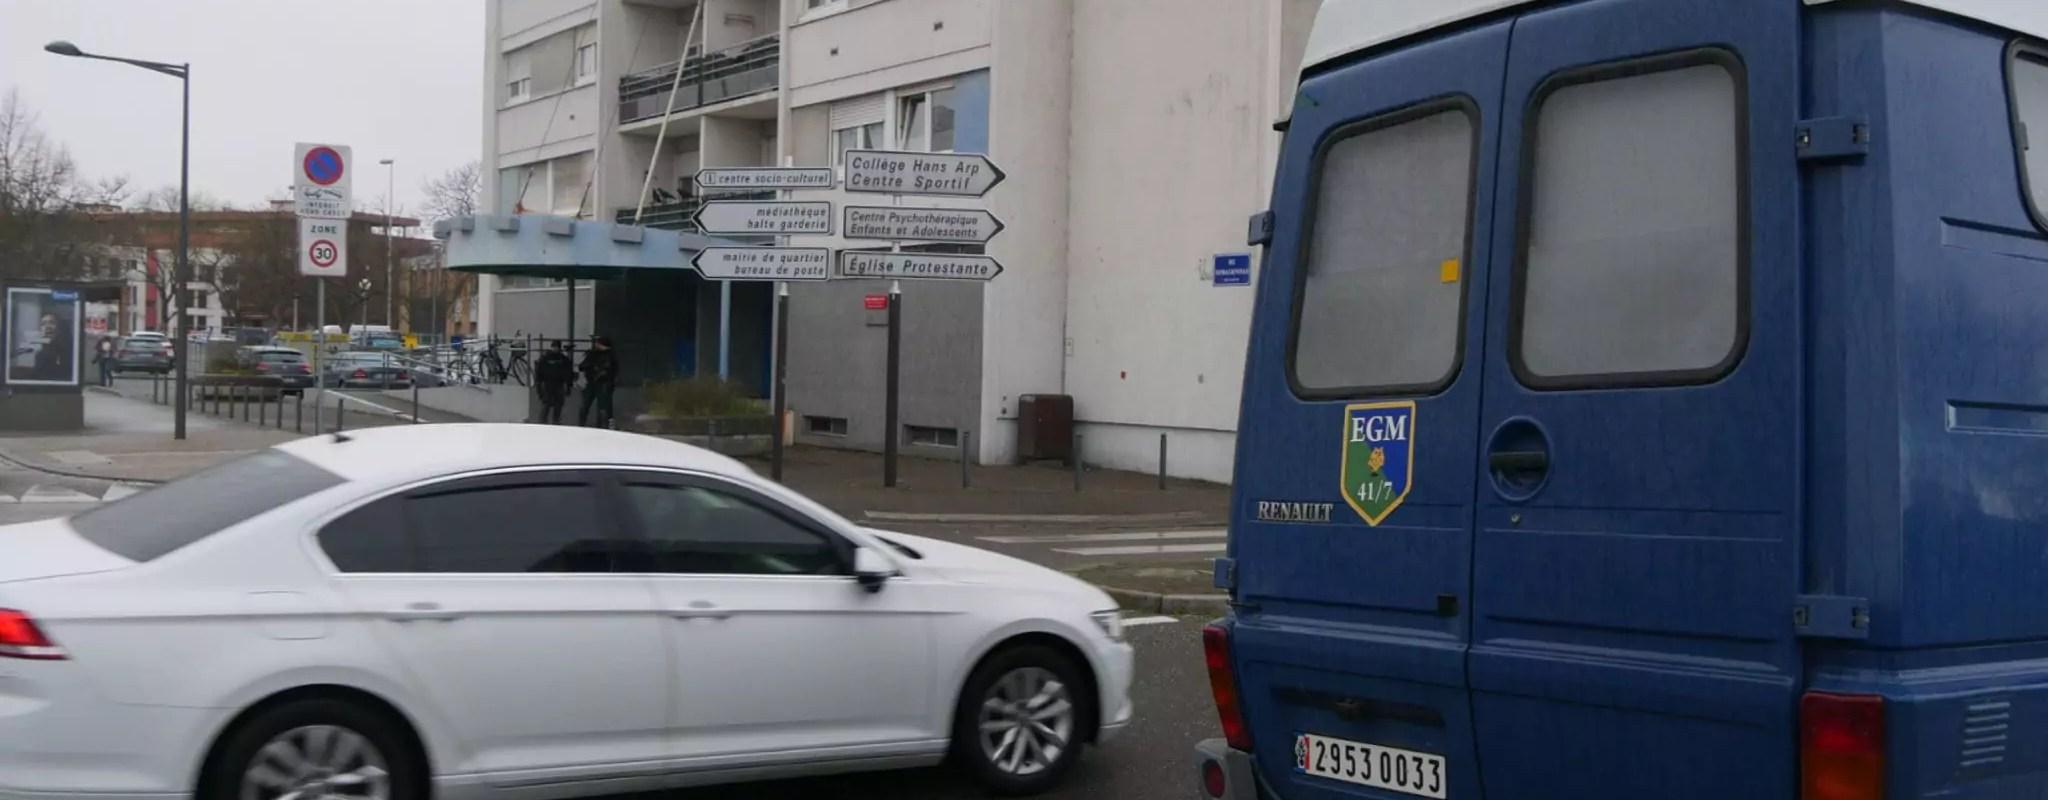 Après l'opération antidrogue, des Elsauviens soulagés: «Les dealers ont le monopole de mon immeuble»